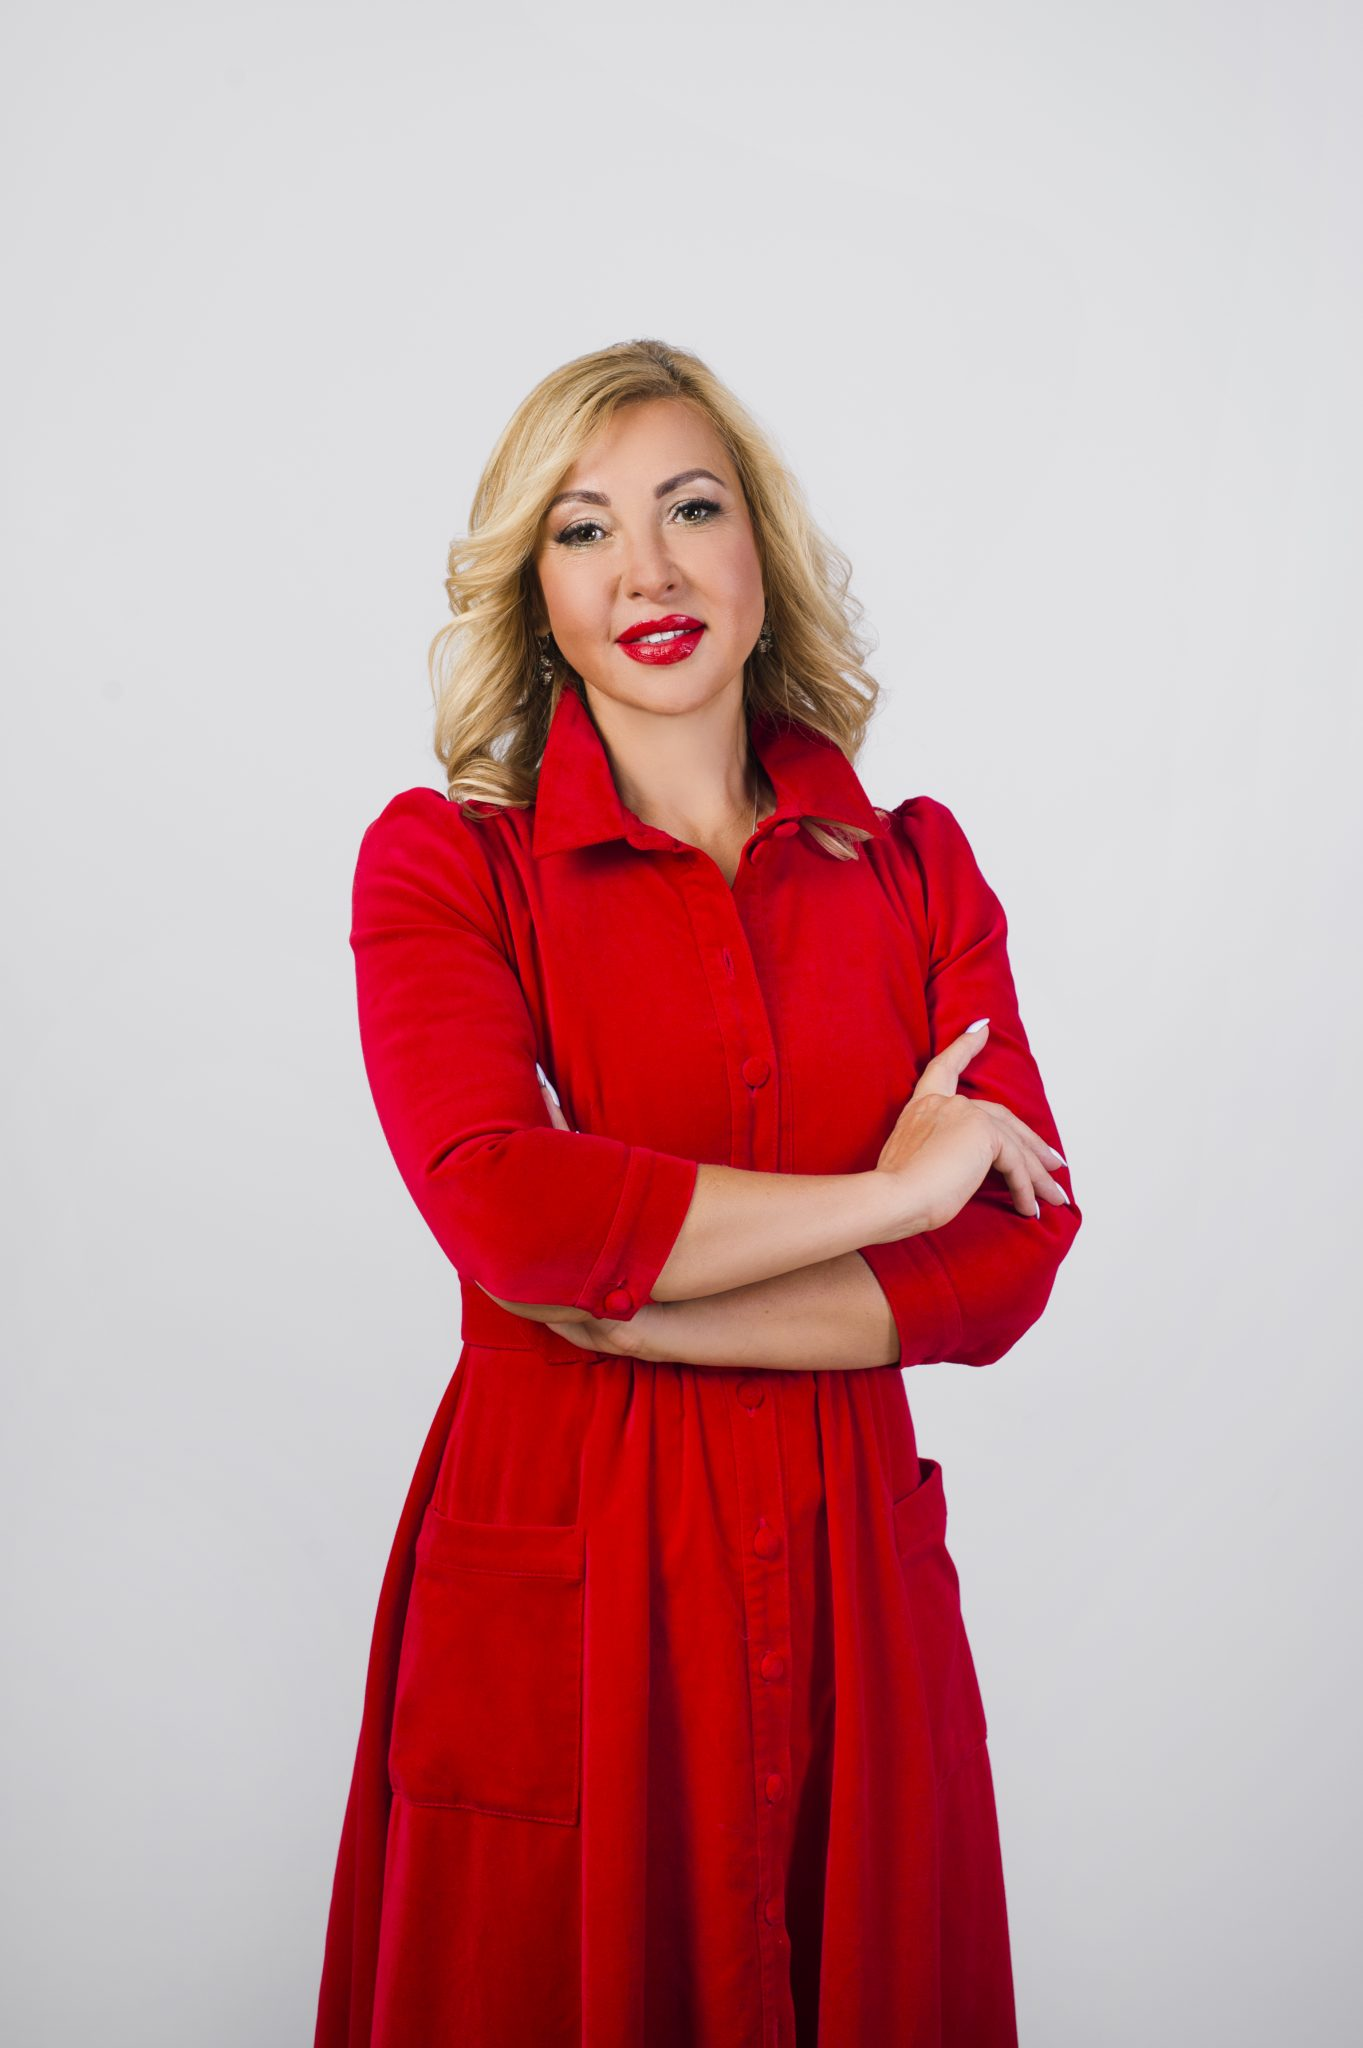 Анжелика Задорожная возглавила Департамент внутреннего аудита ТрансТелеКома 1